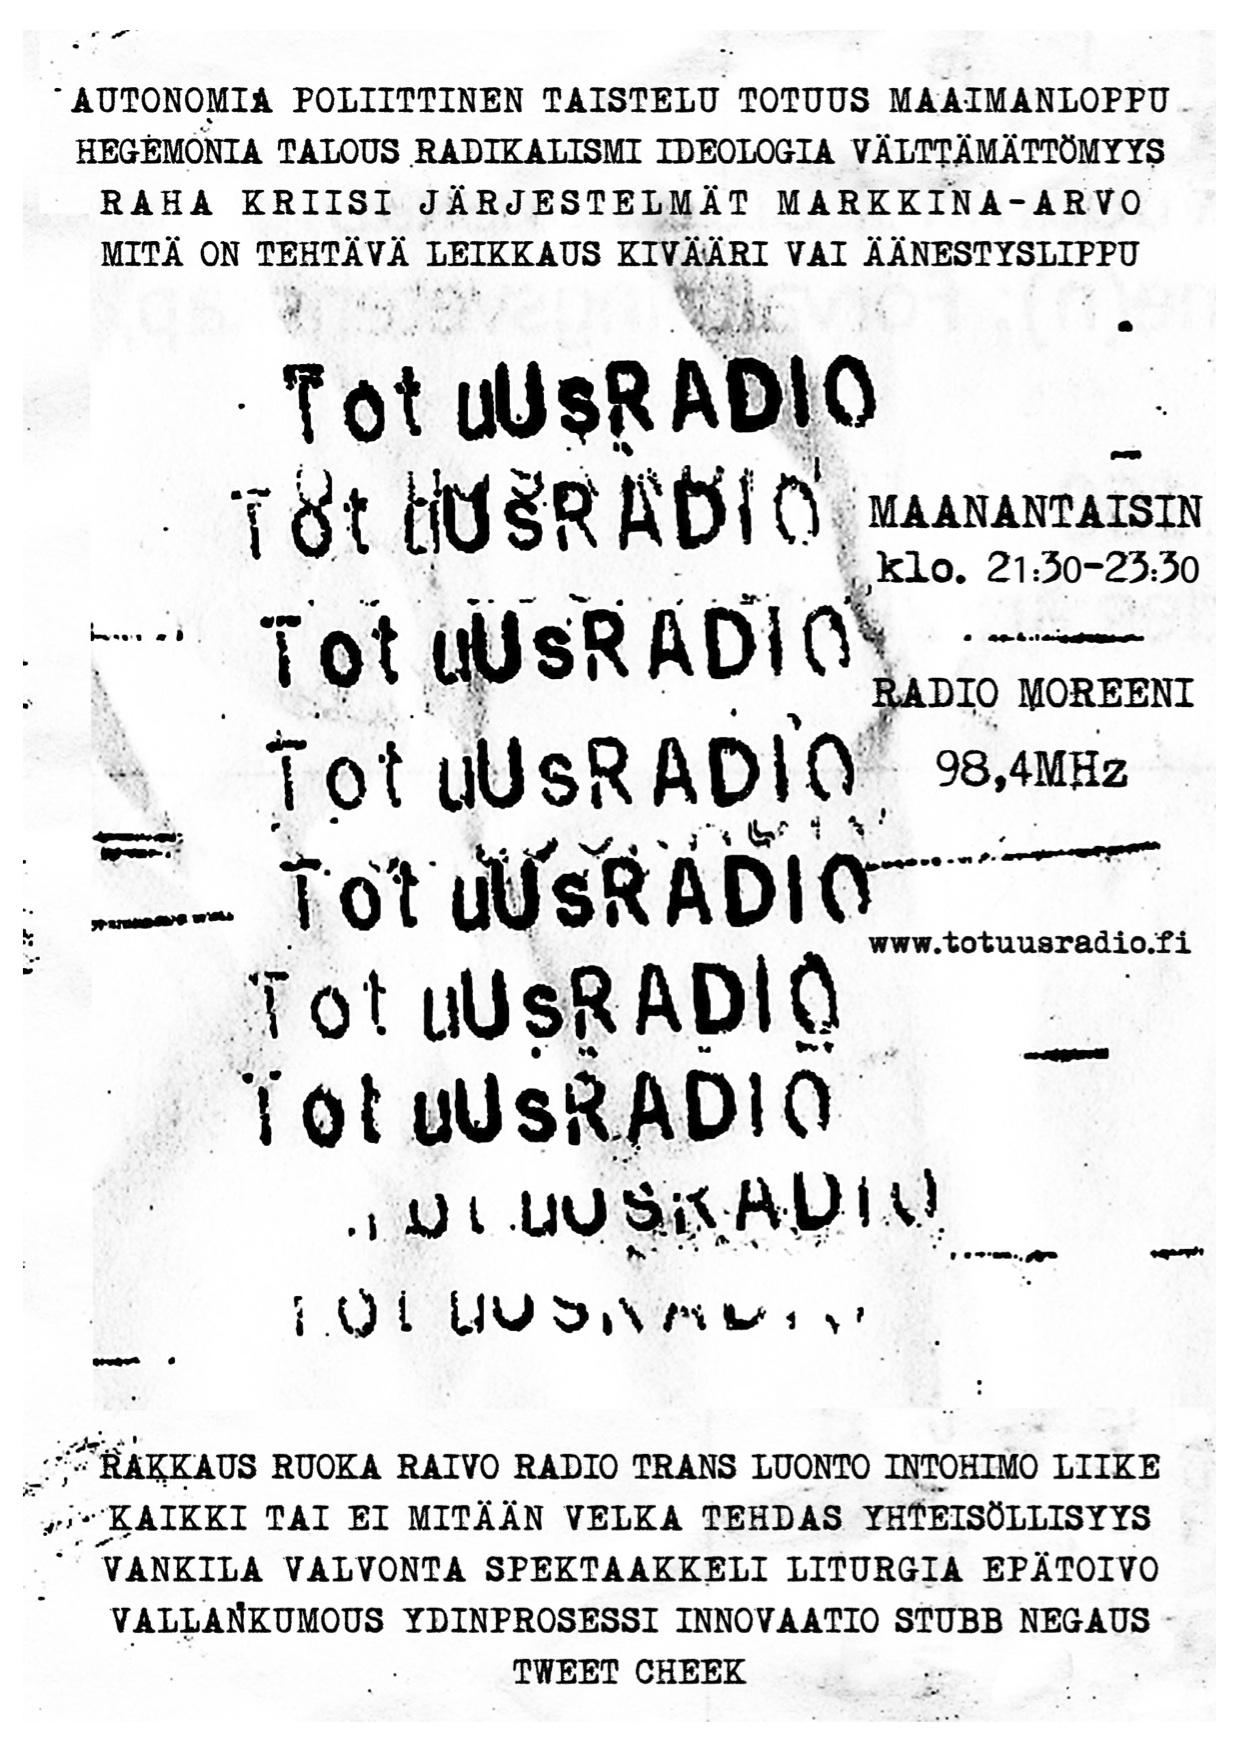 totuusradio2014